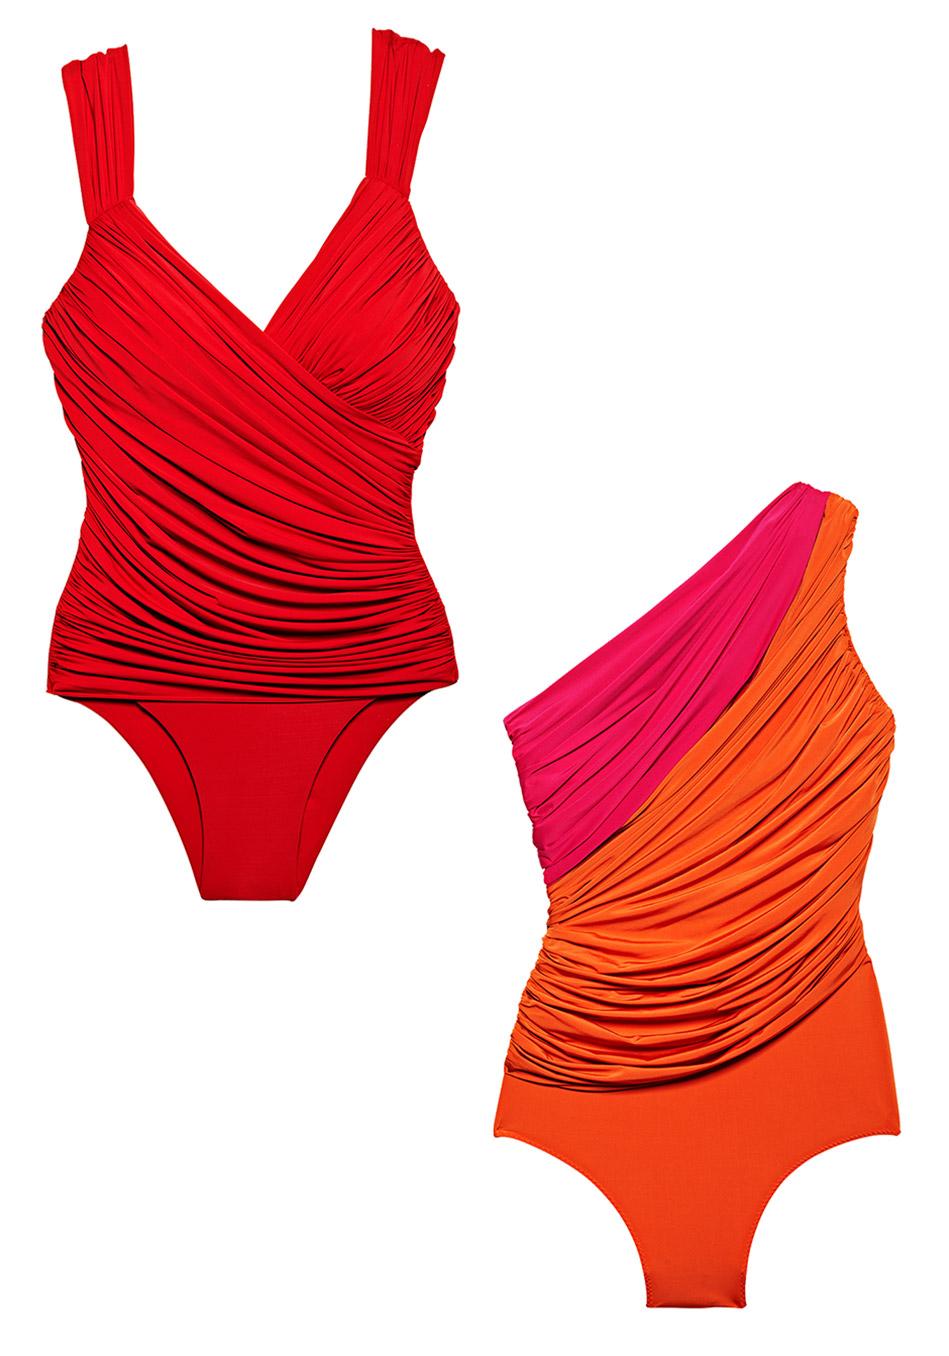 модные купальники лето 2014: драпировка, дорогие ткани, красный цвет, ручная работа